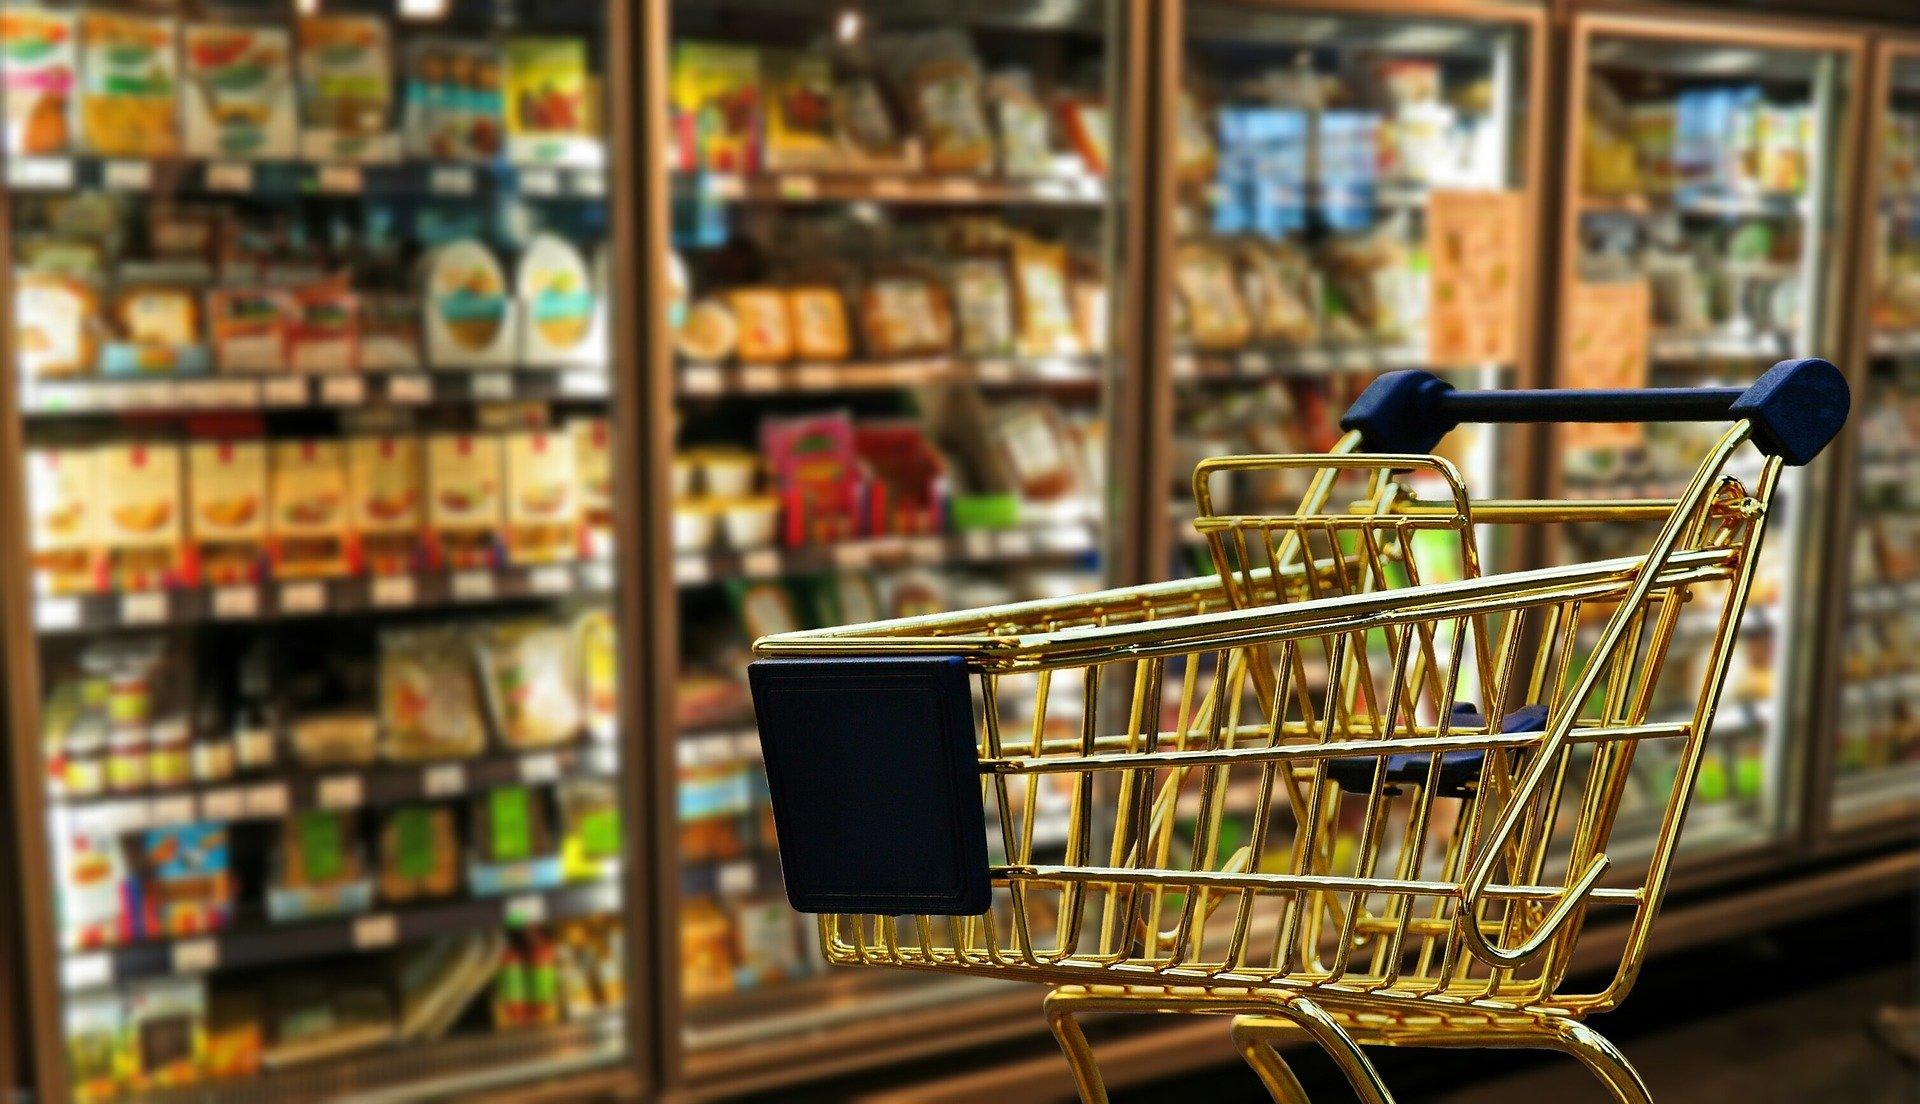 Conseils pour vous aider à économiser de l'argent lorsque vous faites du shopping en magasin